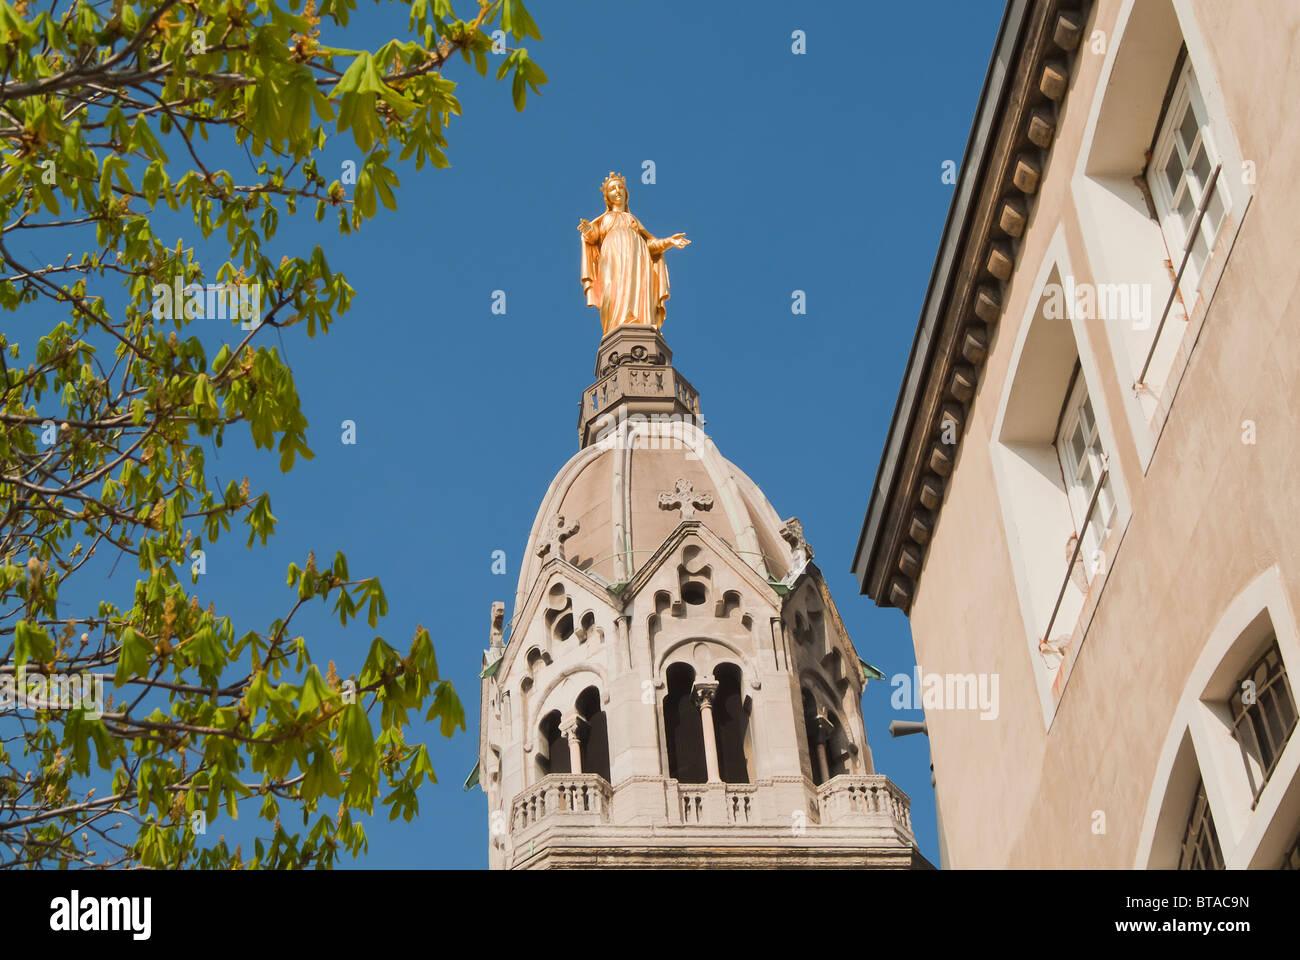 Basilica Notre-Dame de Fourvière, Vieux Lyon district ,Lyon, France Stock Photo